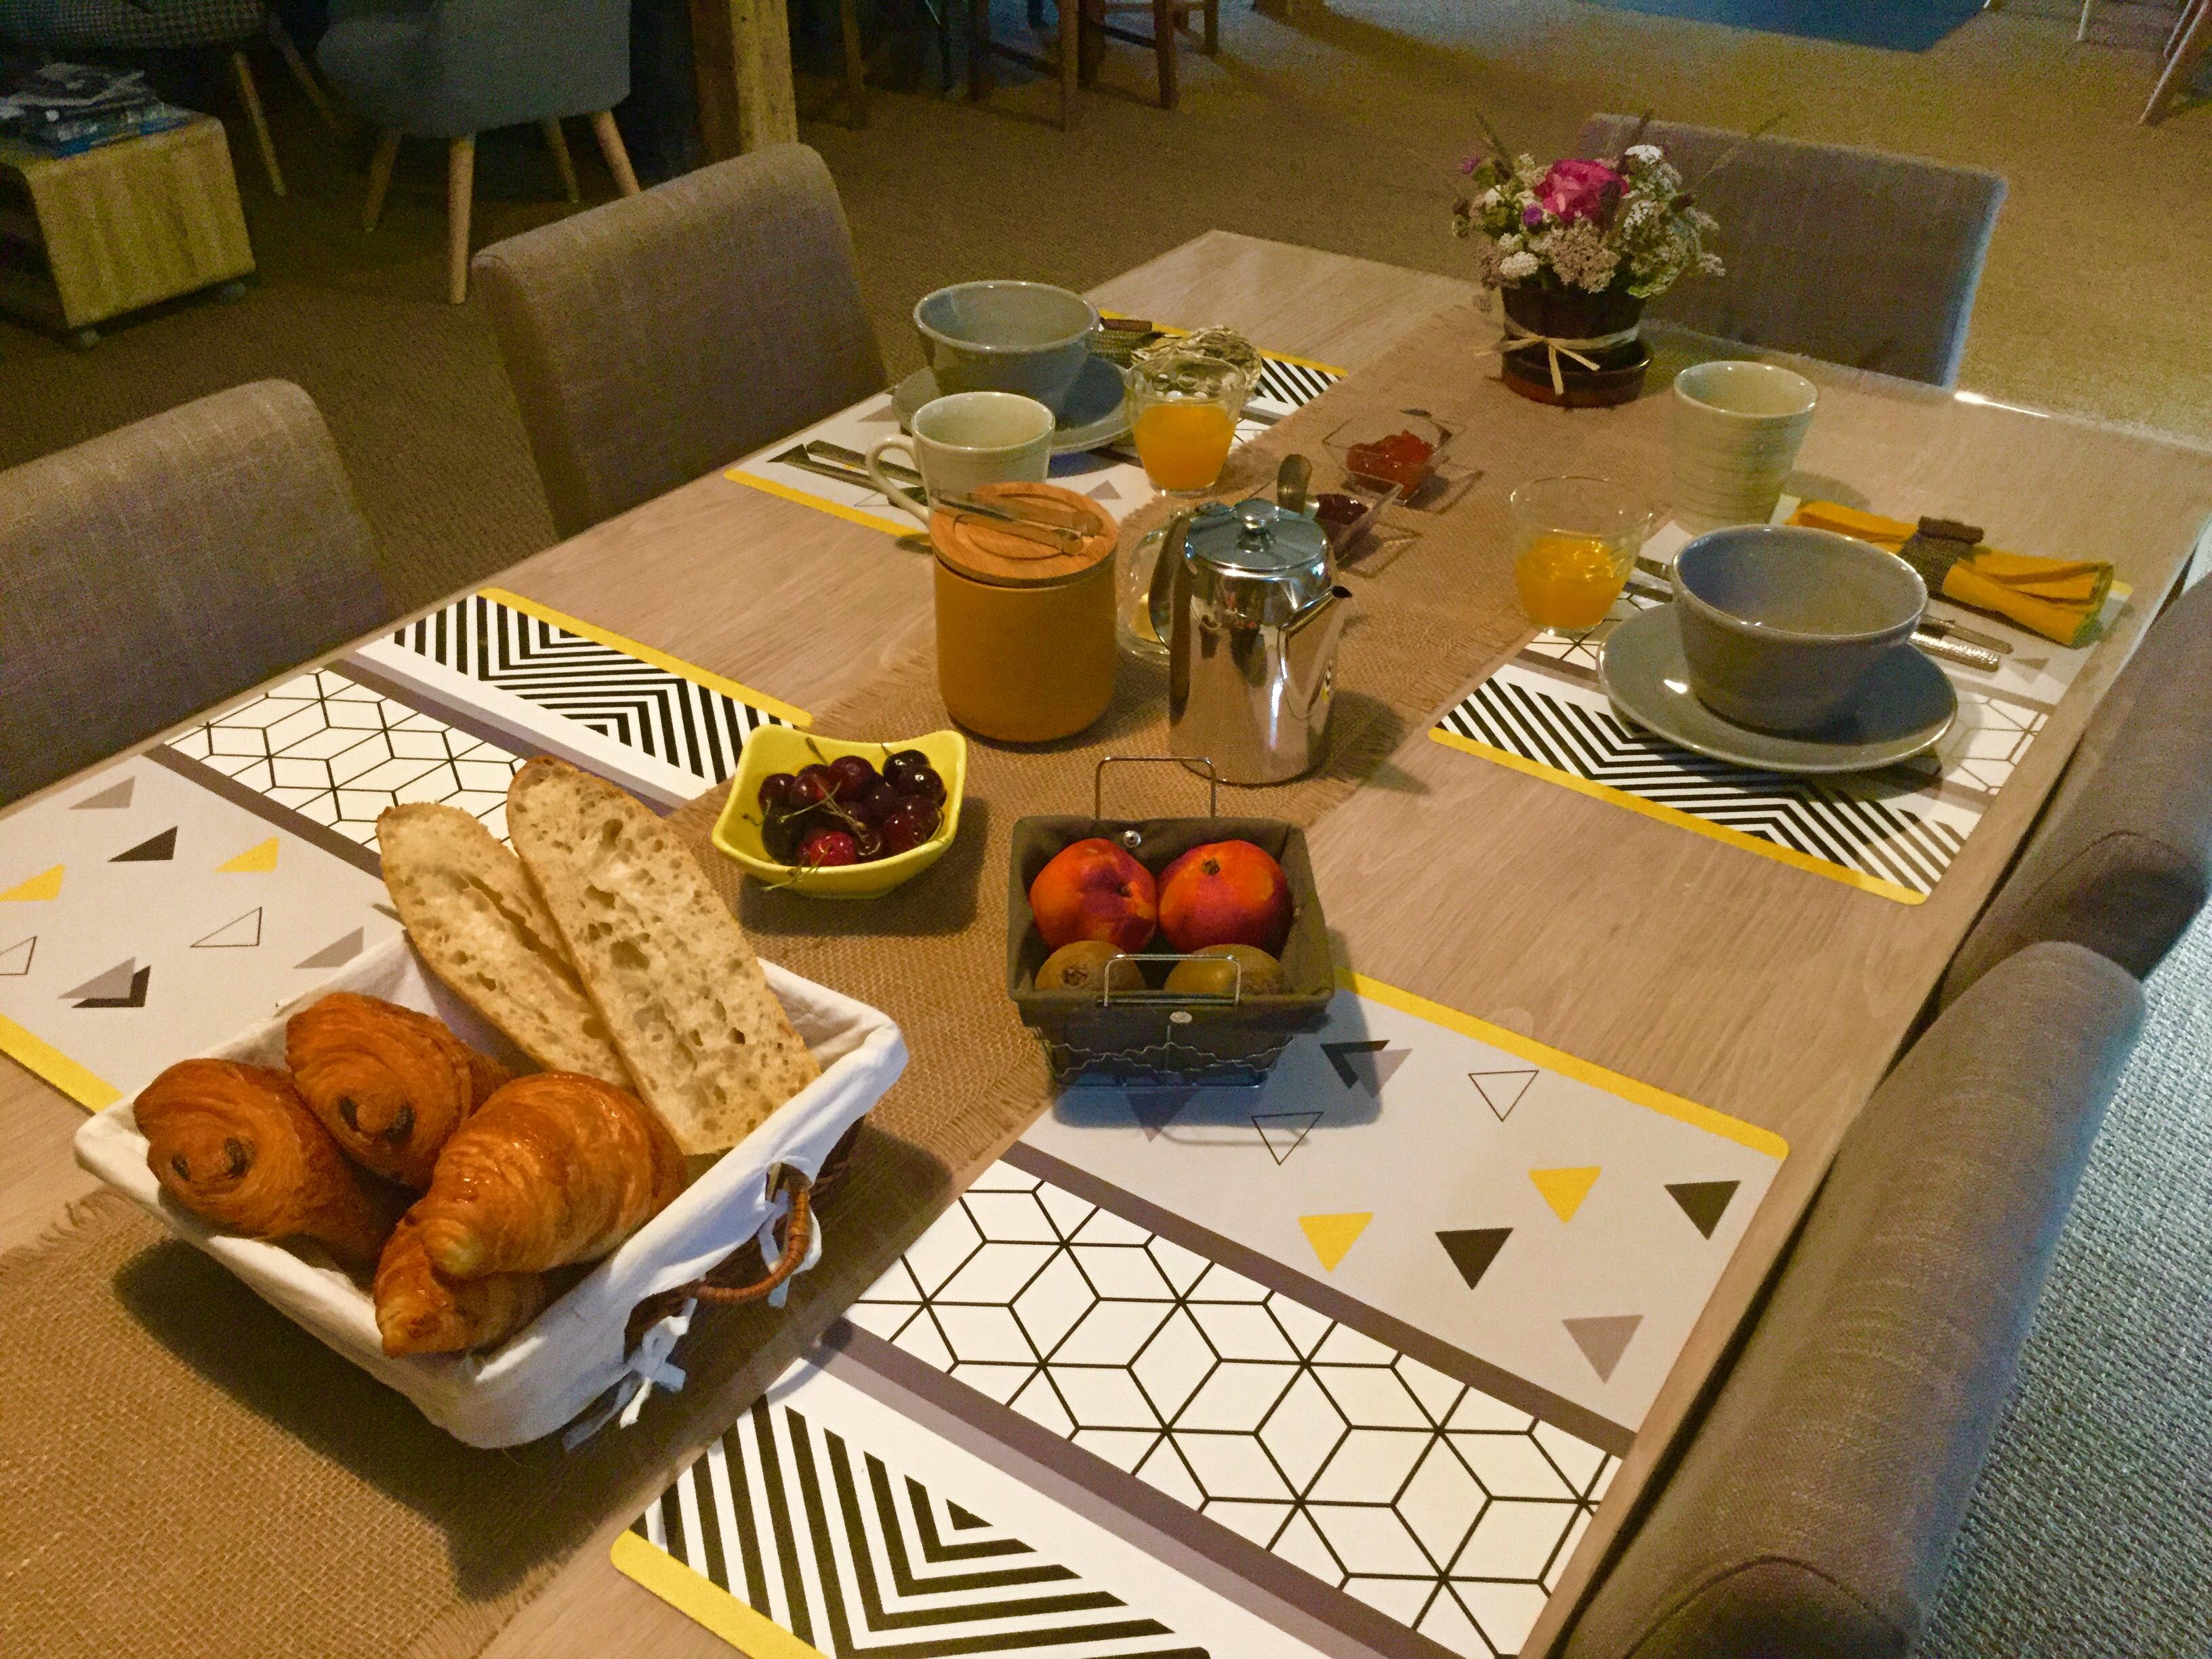 profitez d'un petit-déjeuner copieux